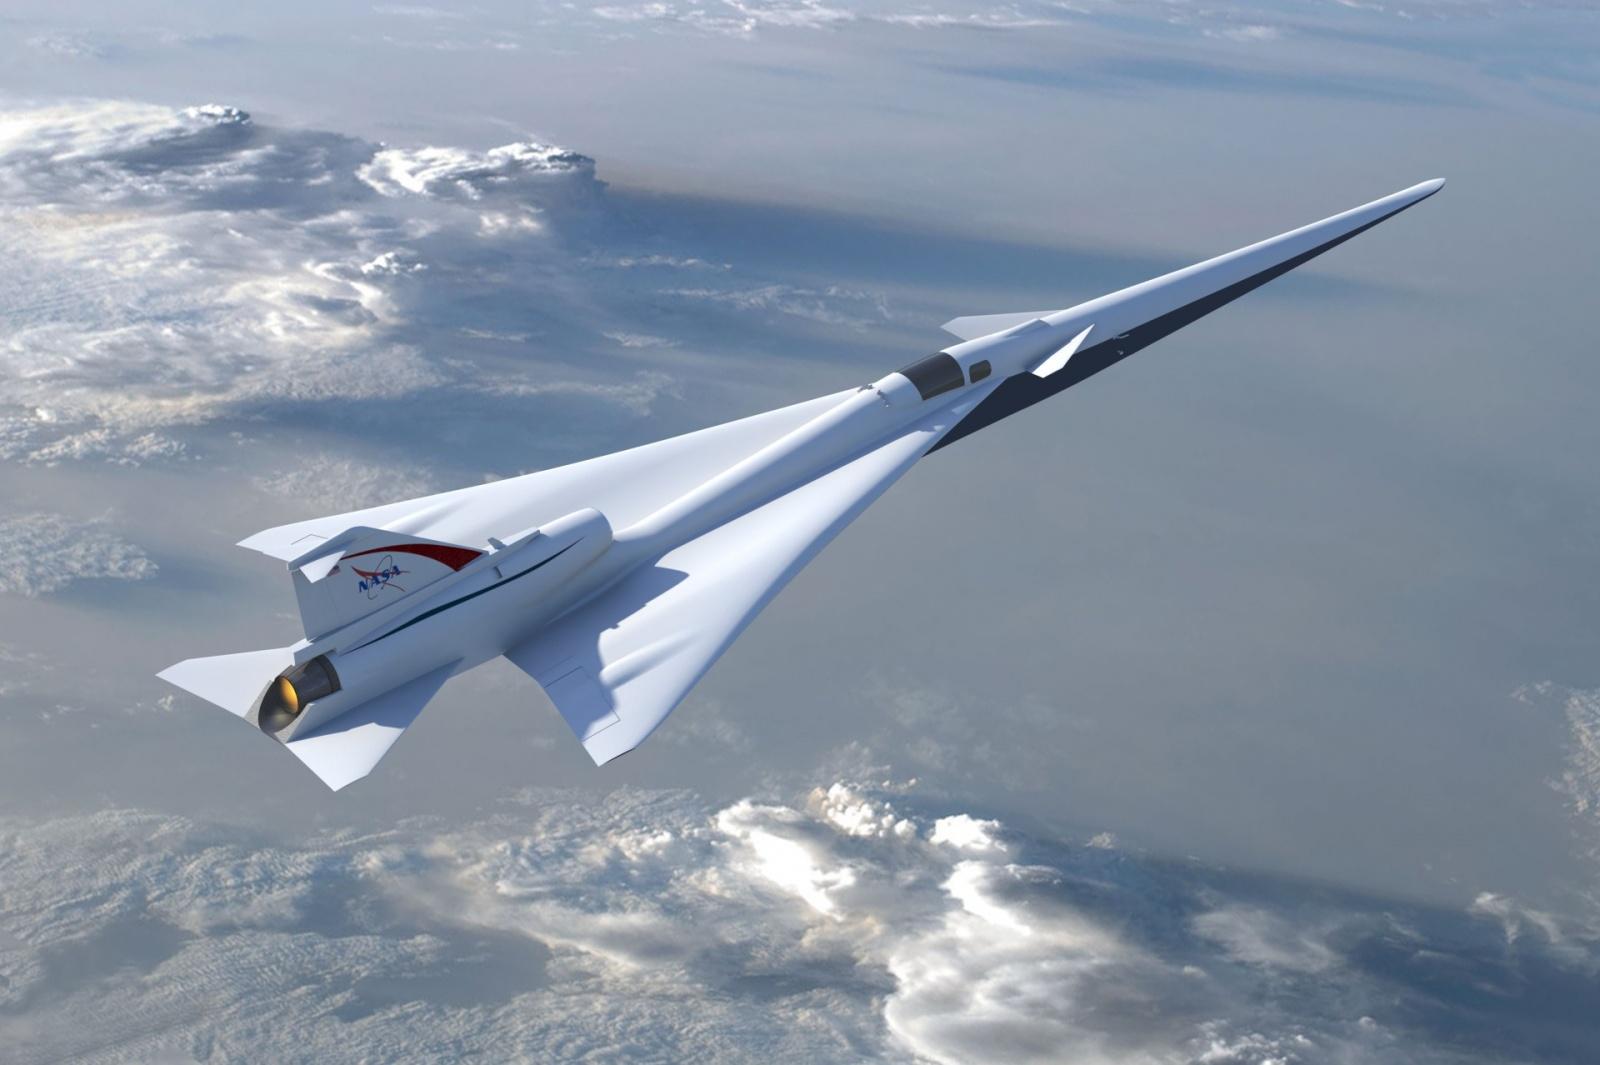 НАСА создаёт тихий сверхзвуковой лайнер с «мягким» звуковым ударом - 1